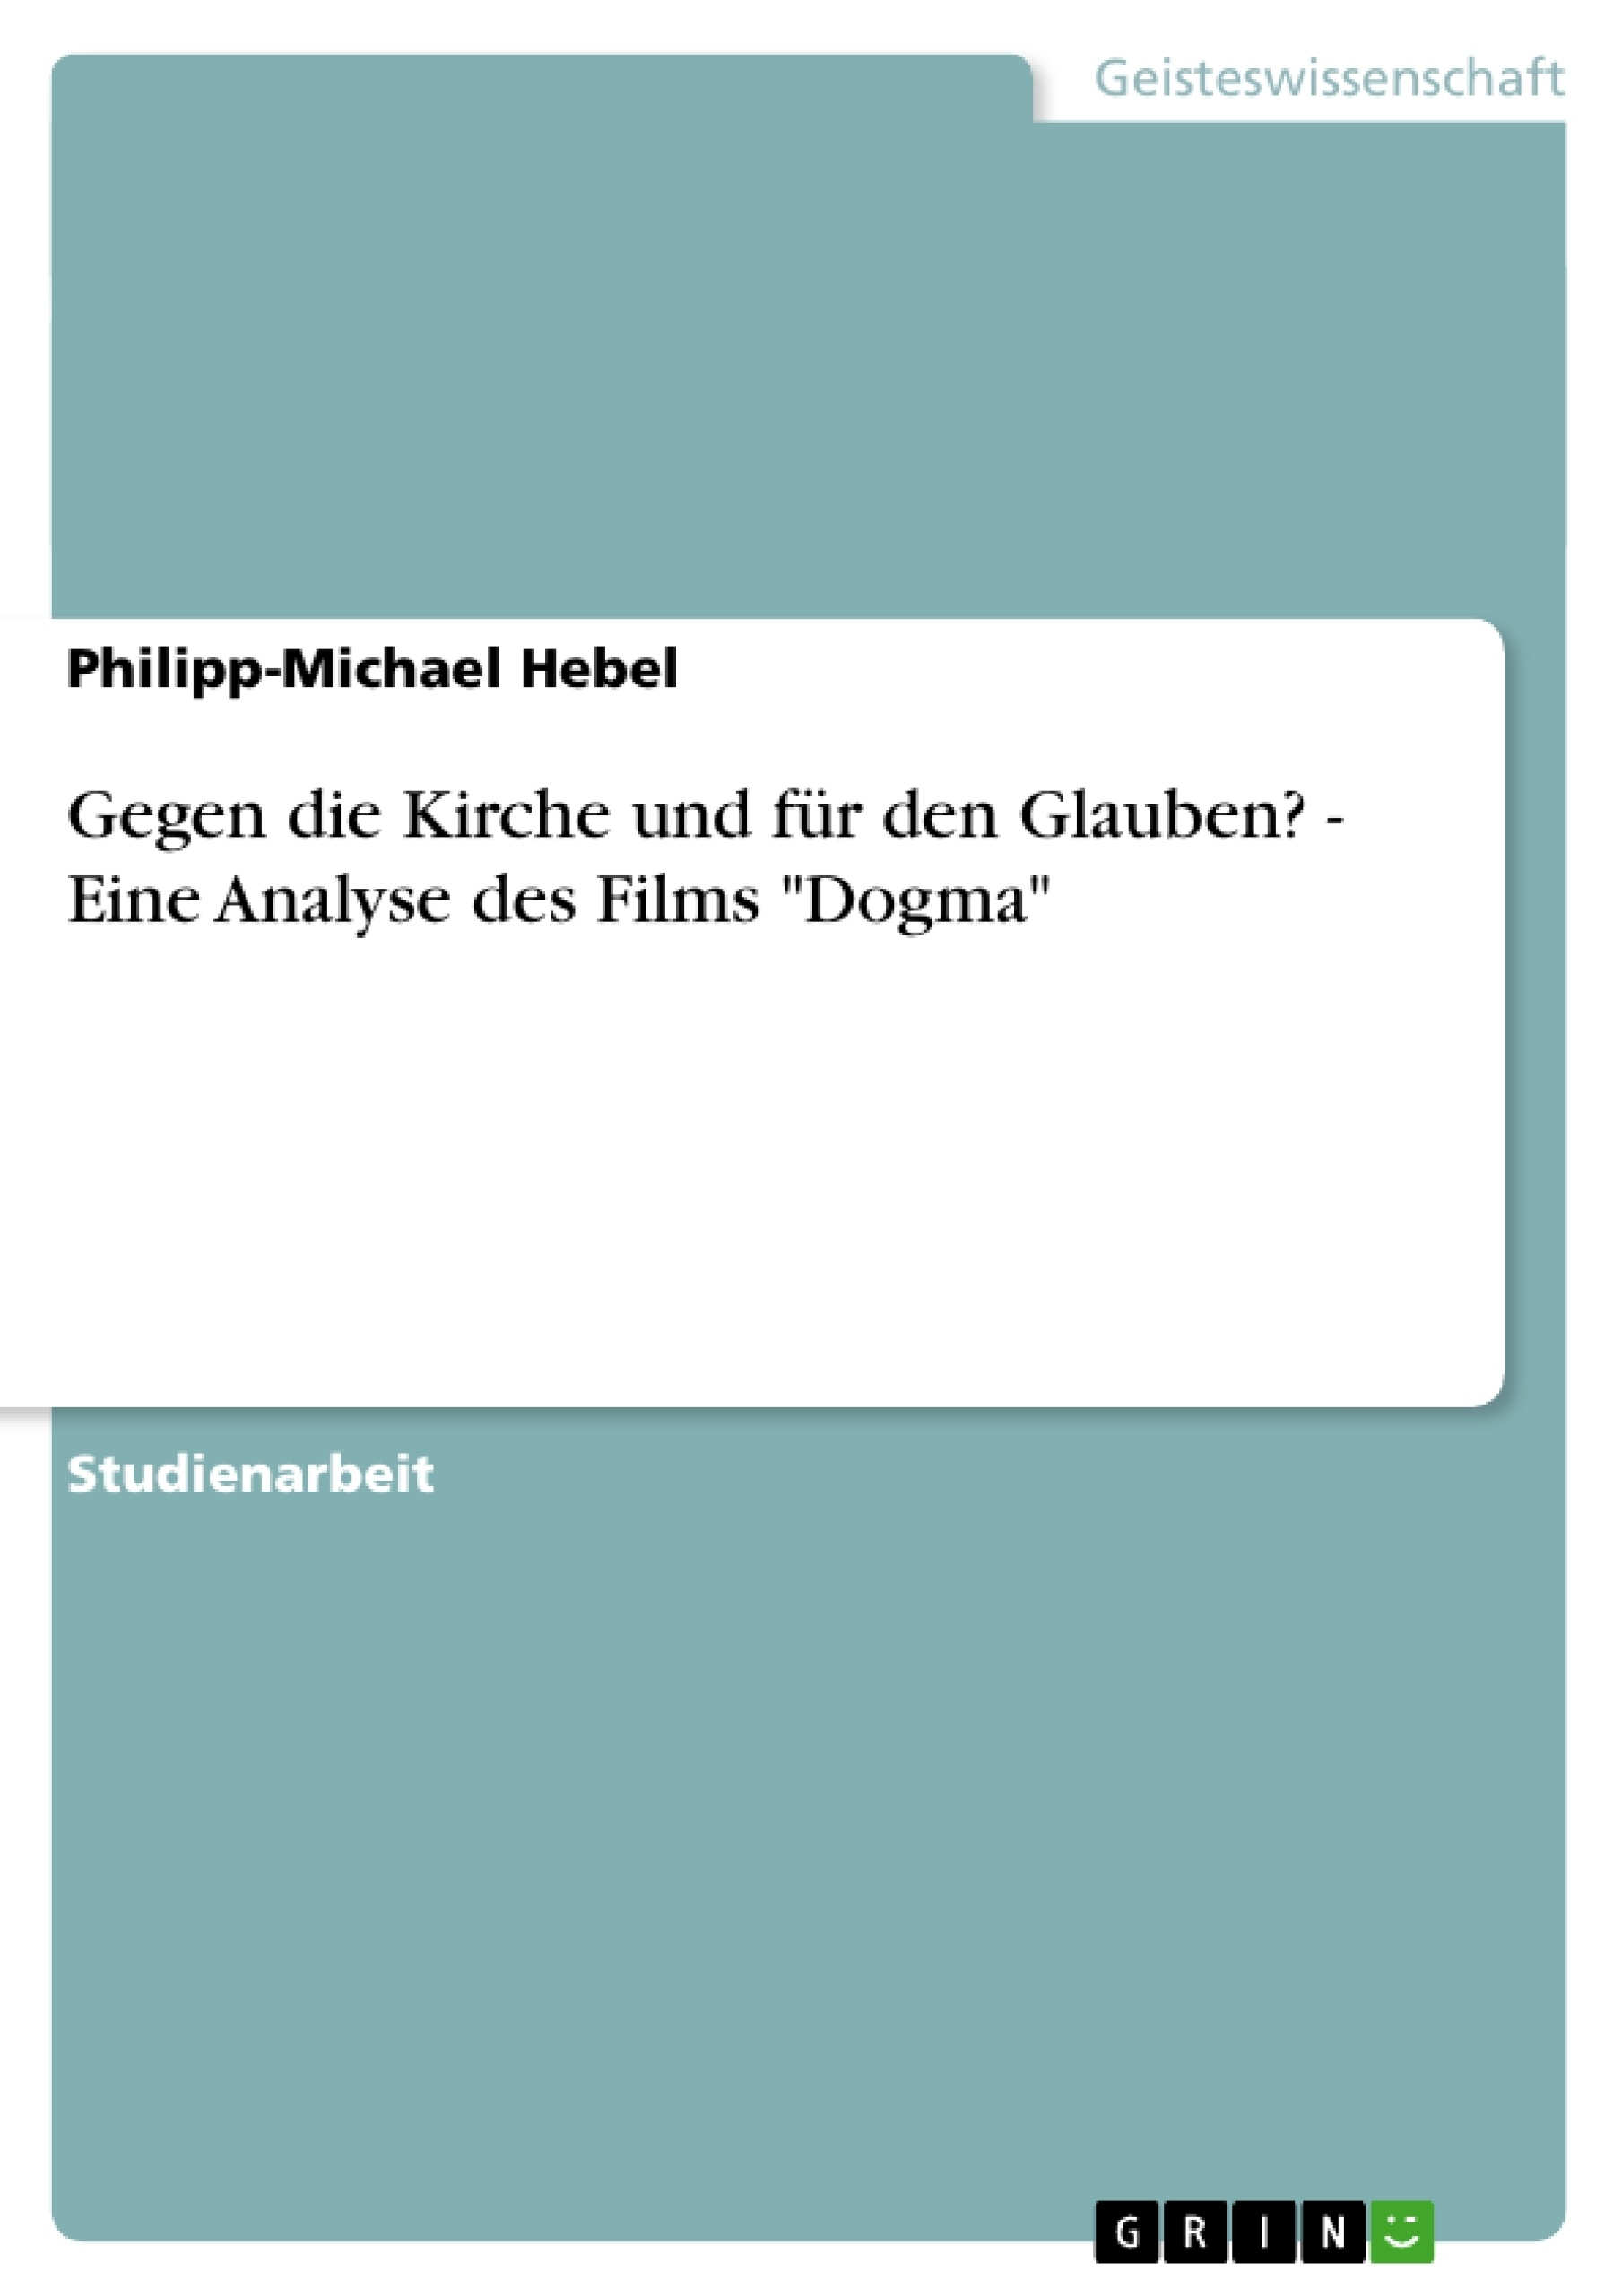 """Titel: Gegen die Kirche und für den Glauben? - Eine Analyse des Films """"Dogma"""""""